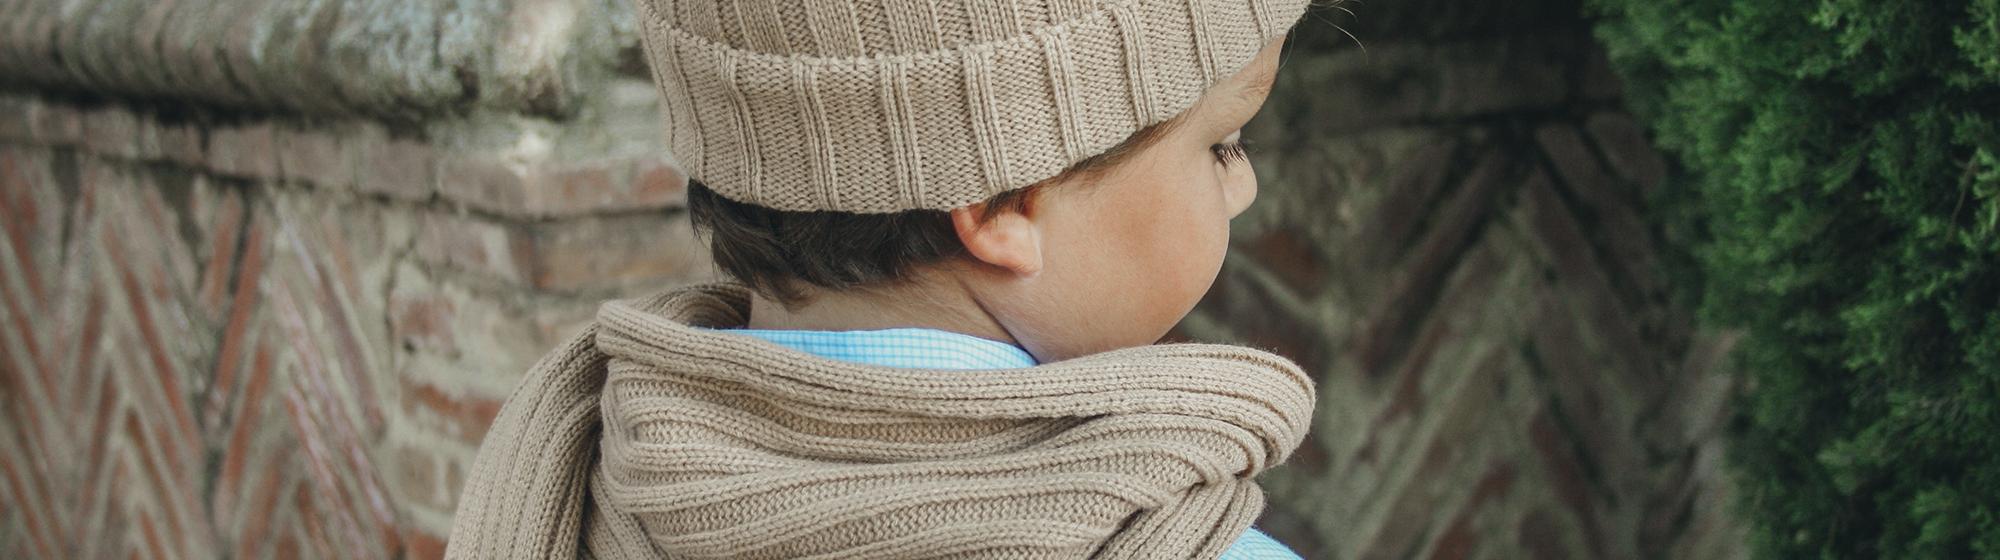 Complementos para el Frio. Guantes y Gorros para Niños dca07f03c46